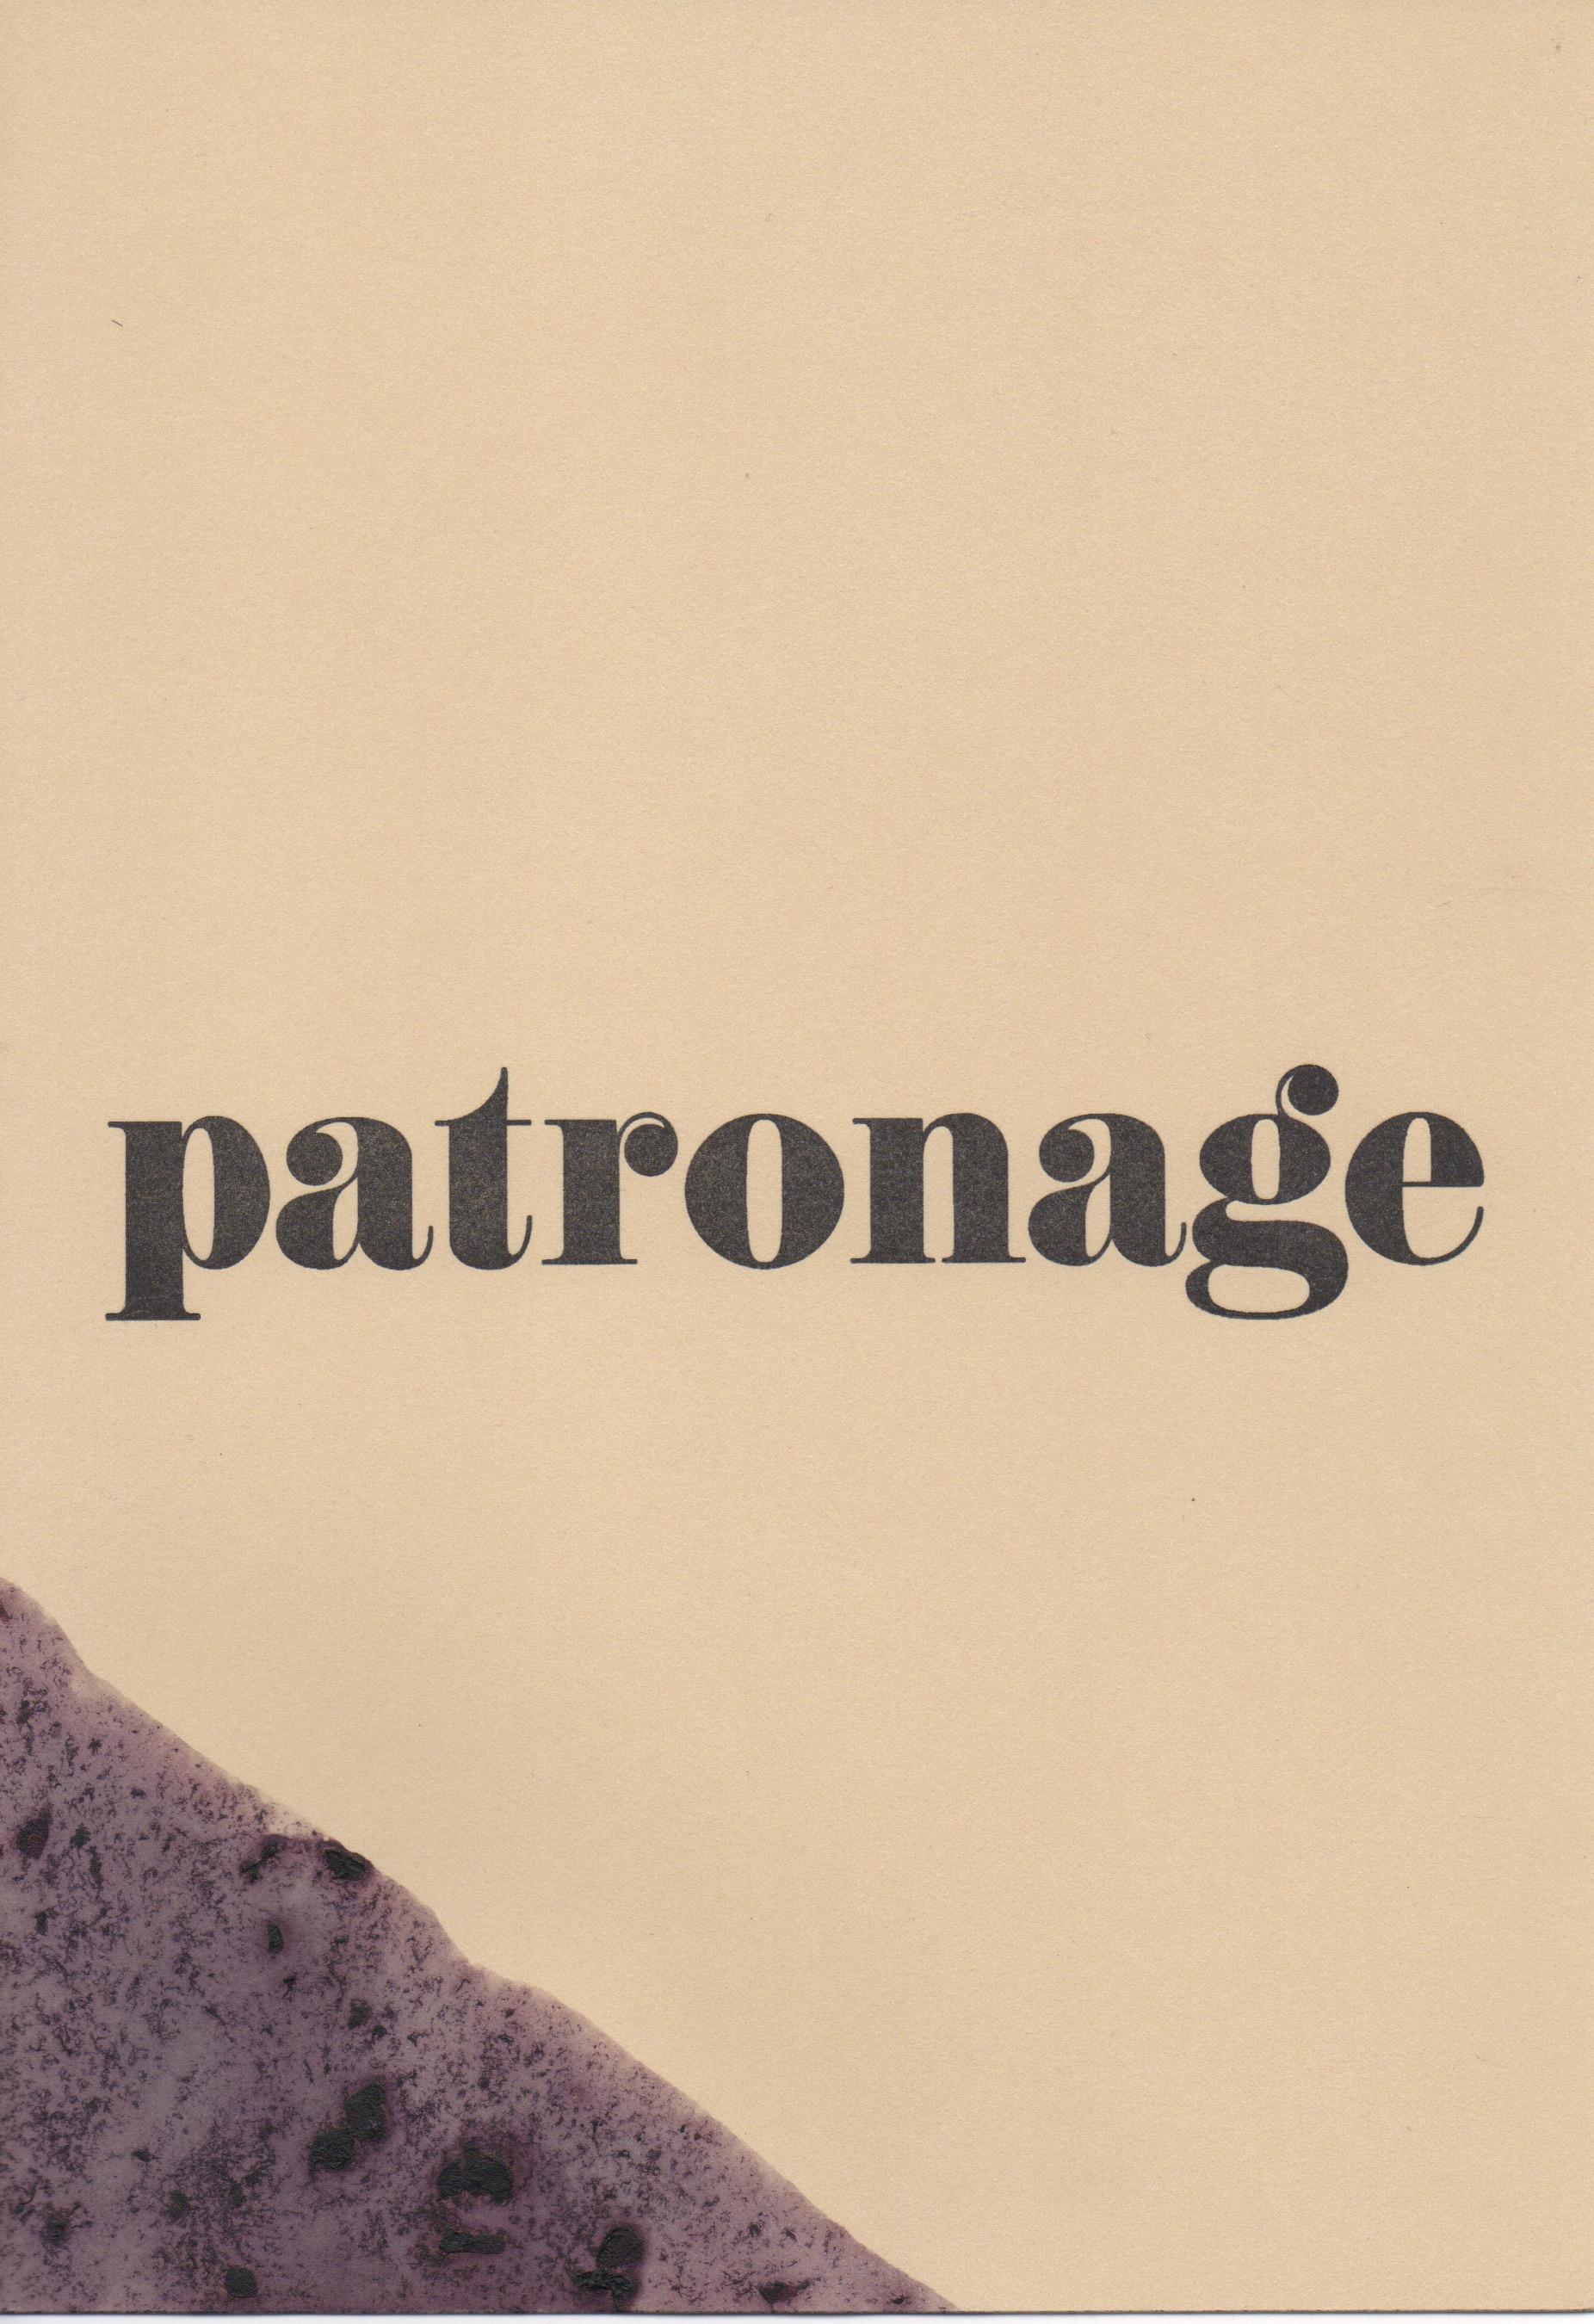 Patronage_03.jpeg